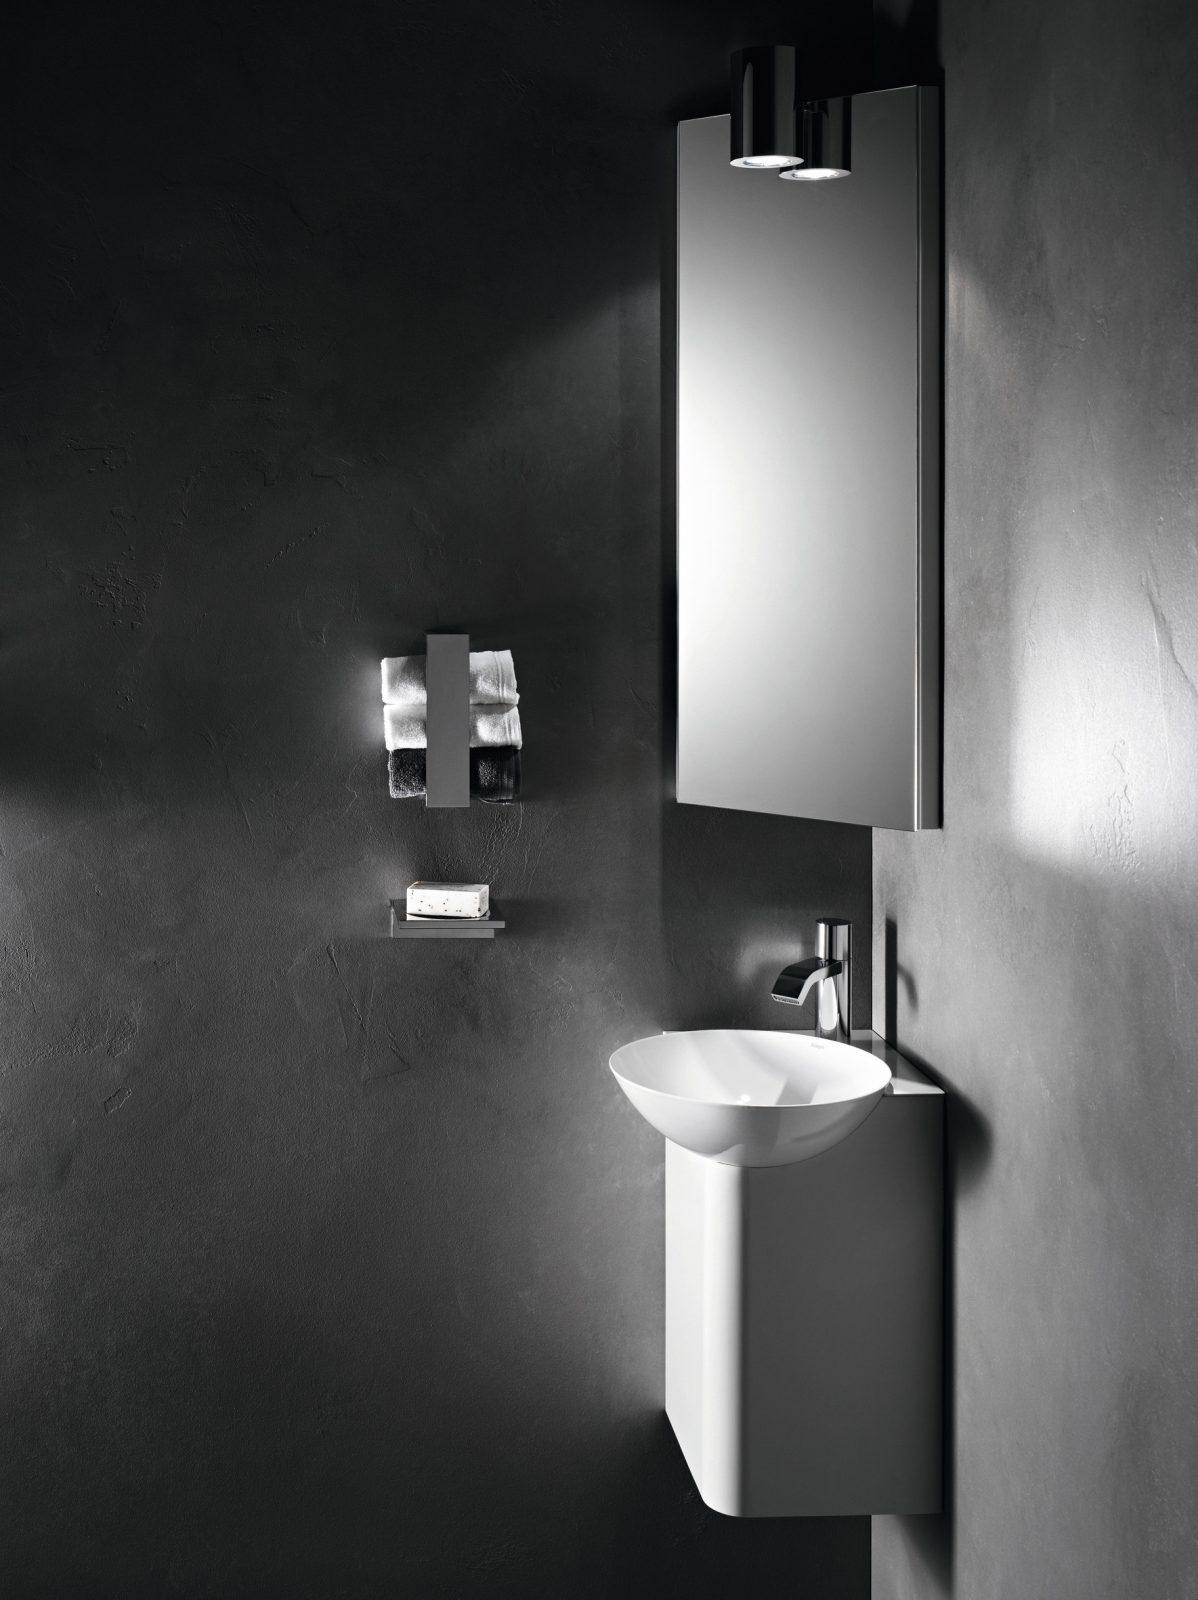 Lavabo lave mains d 39 angle insert d 39 alape salle de bains - Lavabo d angle salle de bain ...